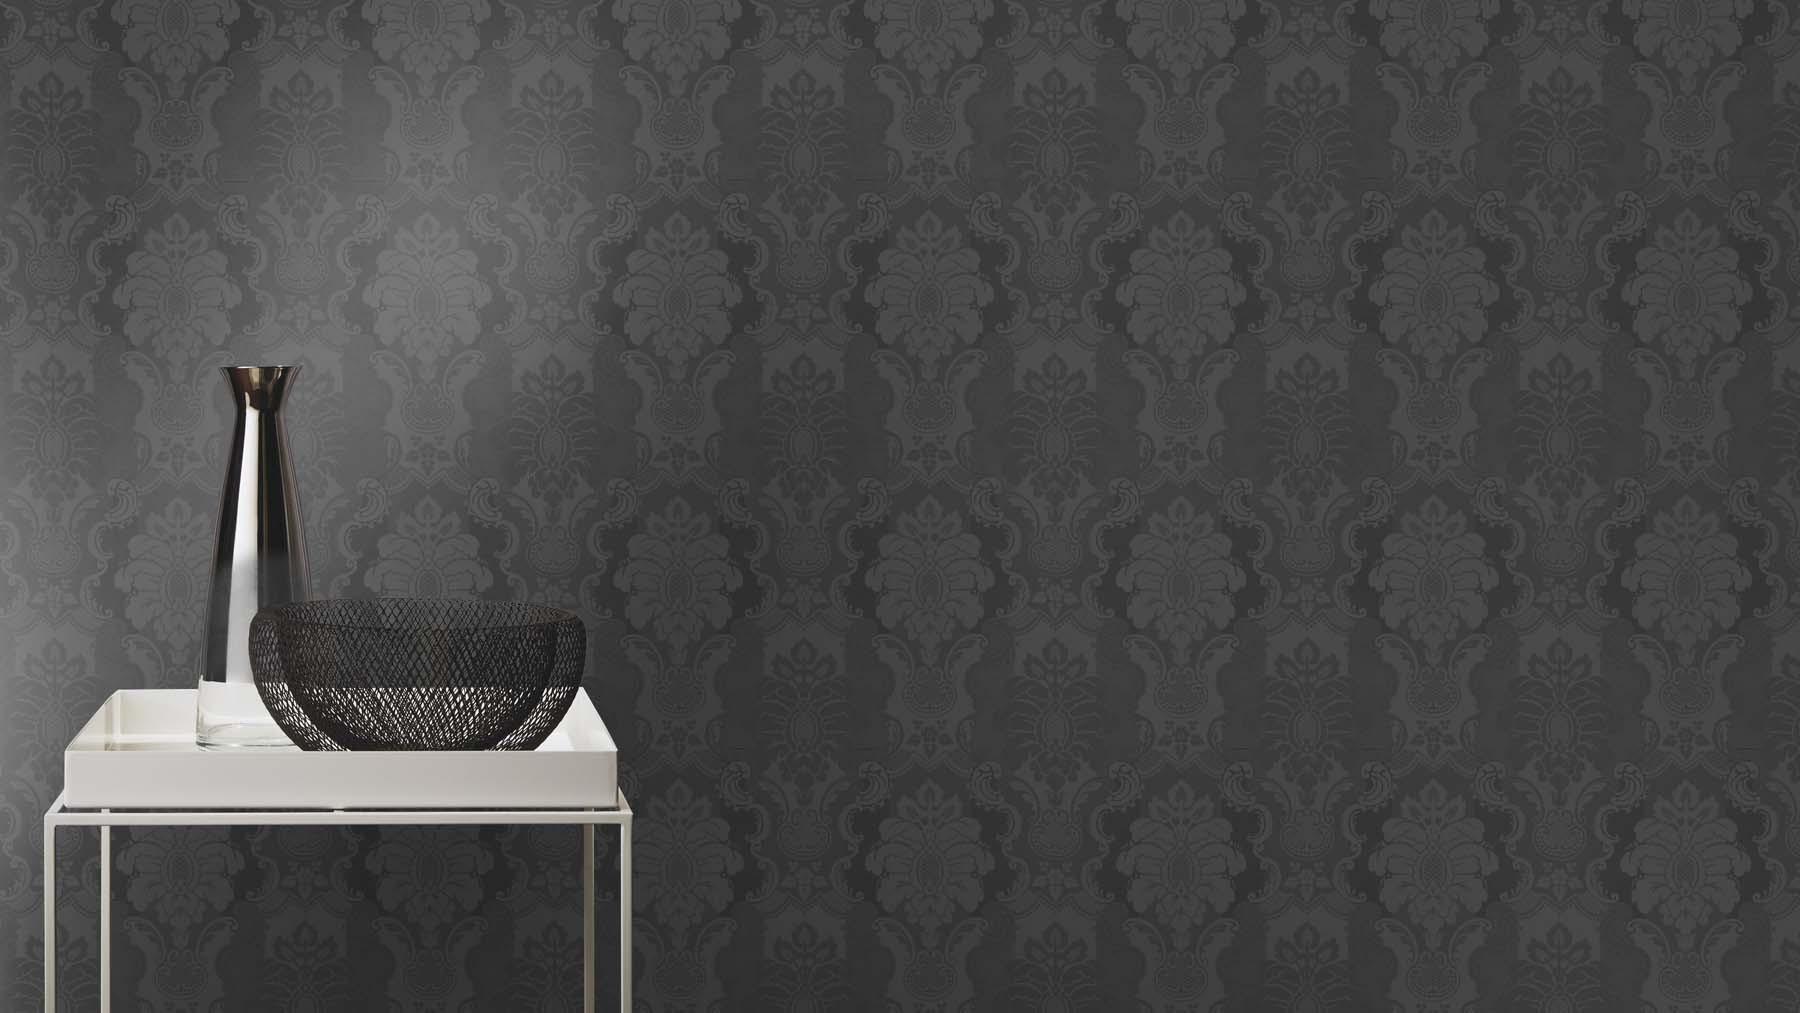 ylvie rasch tapeten gratisversand rechnungskauf. Black Bedroom Furniture Sets. Home Design Ideas